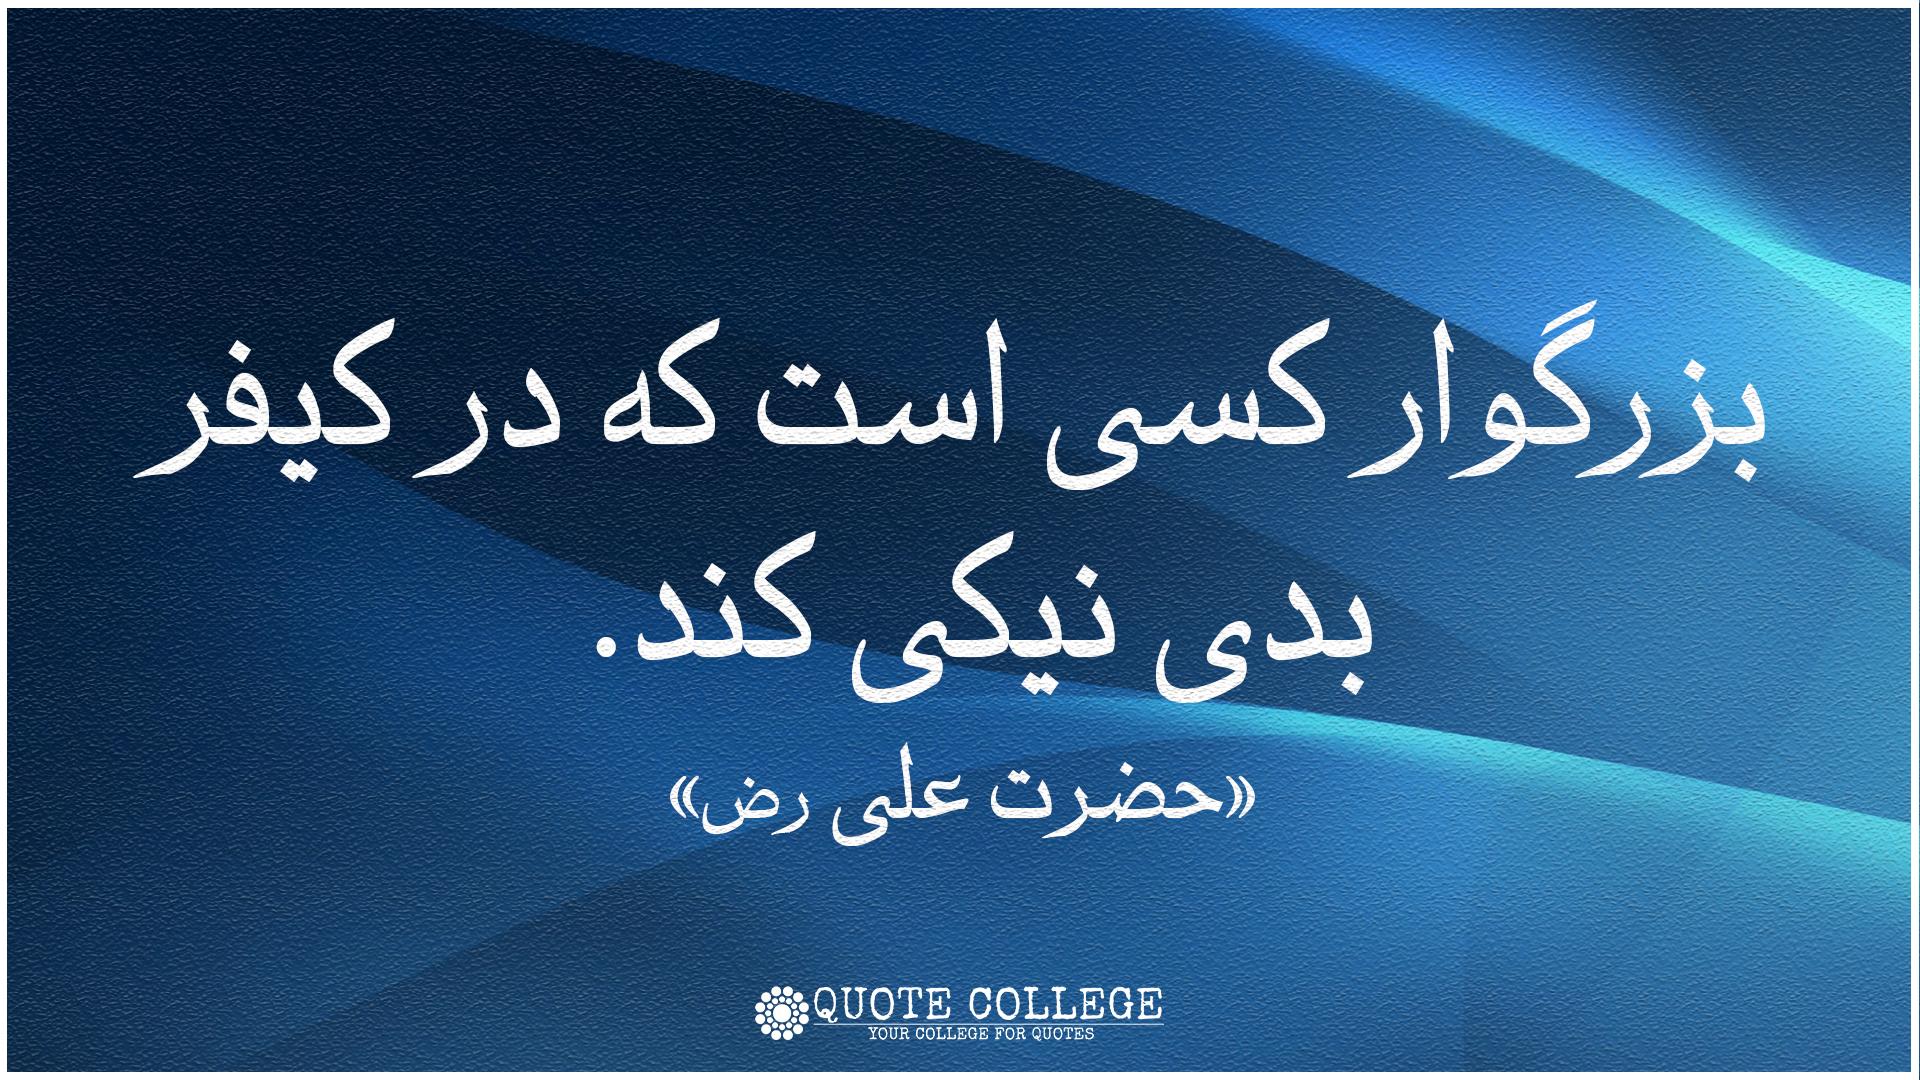 بزرگوار کسی است که در کیفر بدی نیکی کند